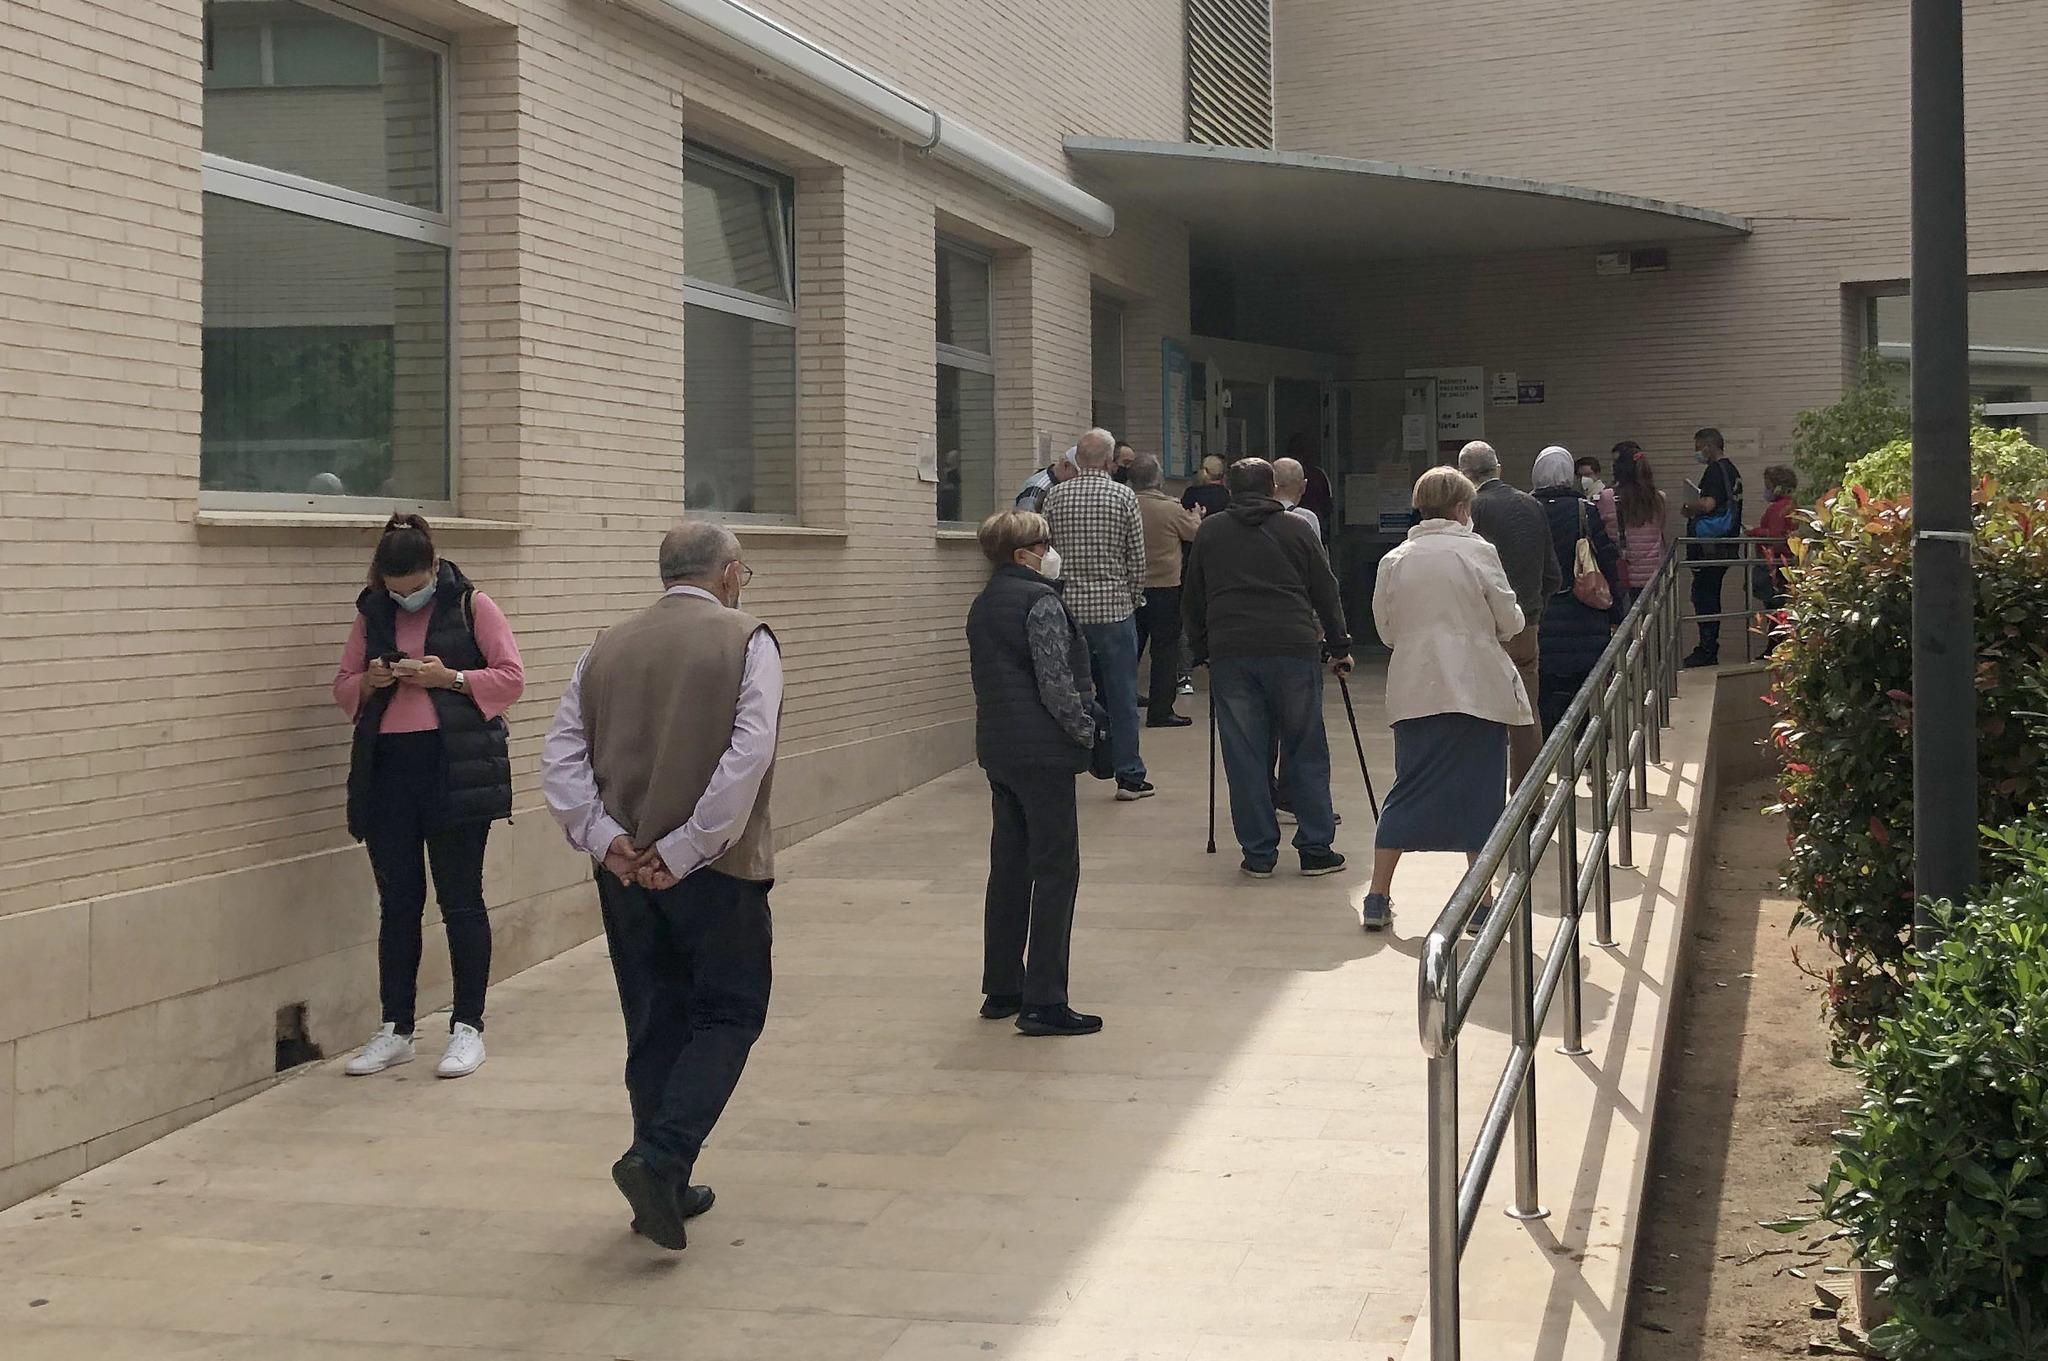 Personas aguardan cola en el acceso al centro de salud Palleter.